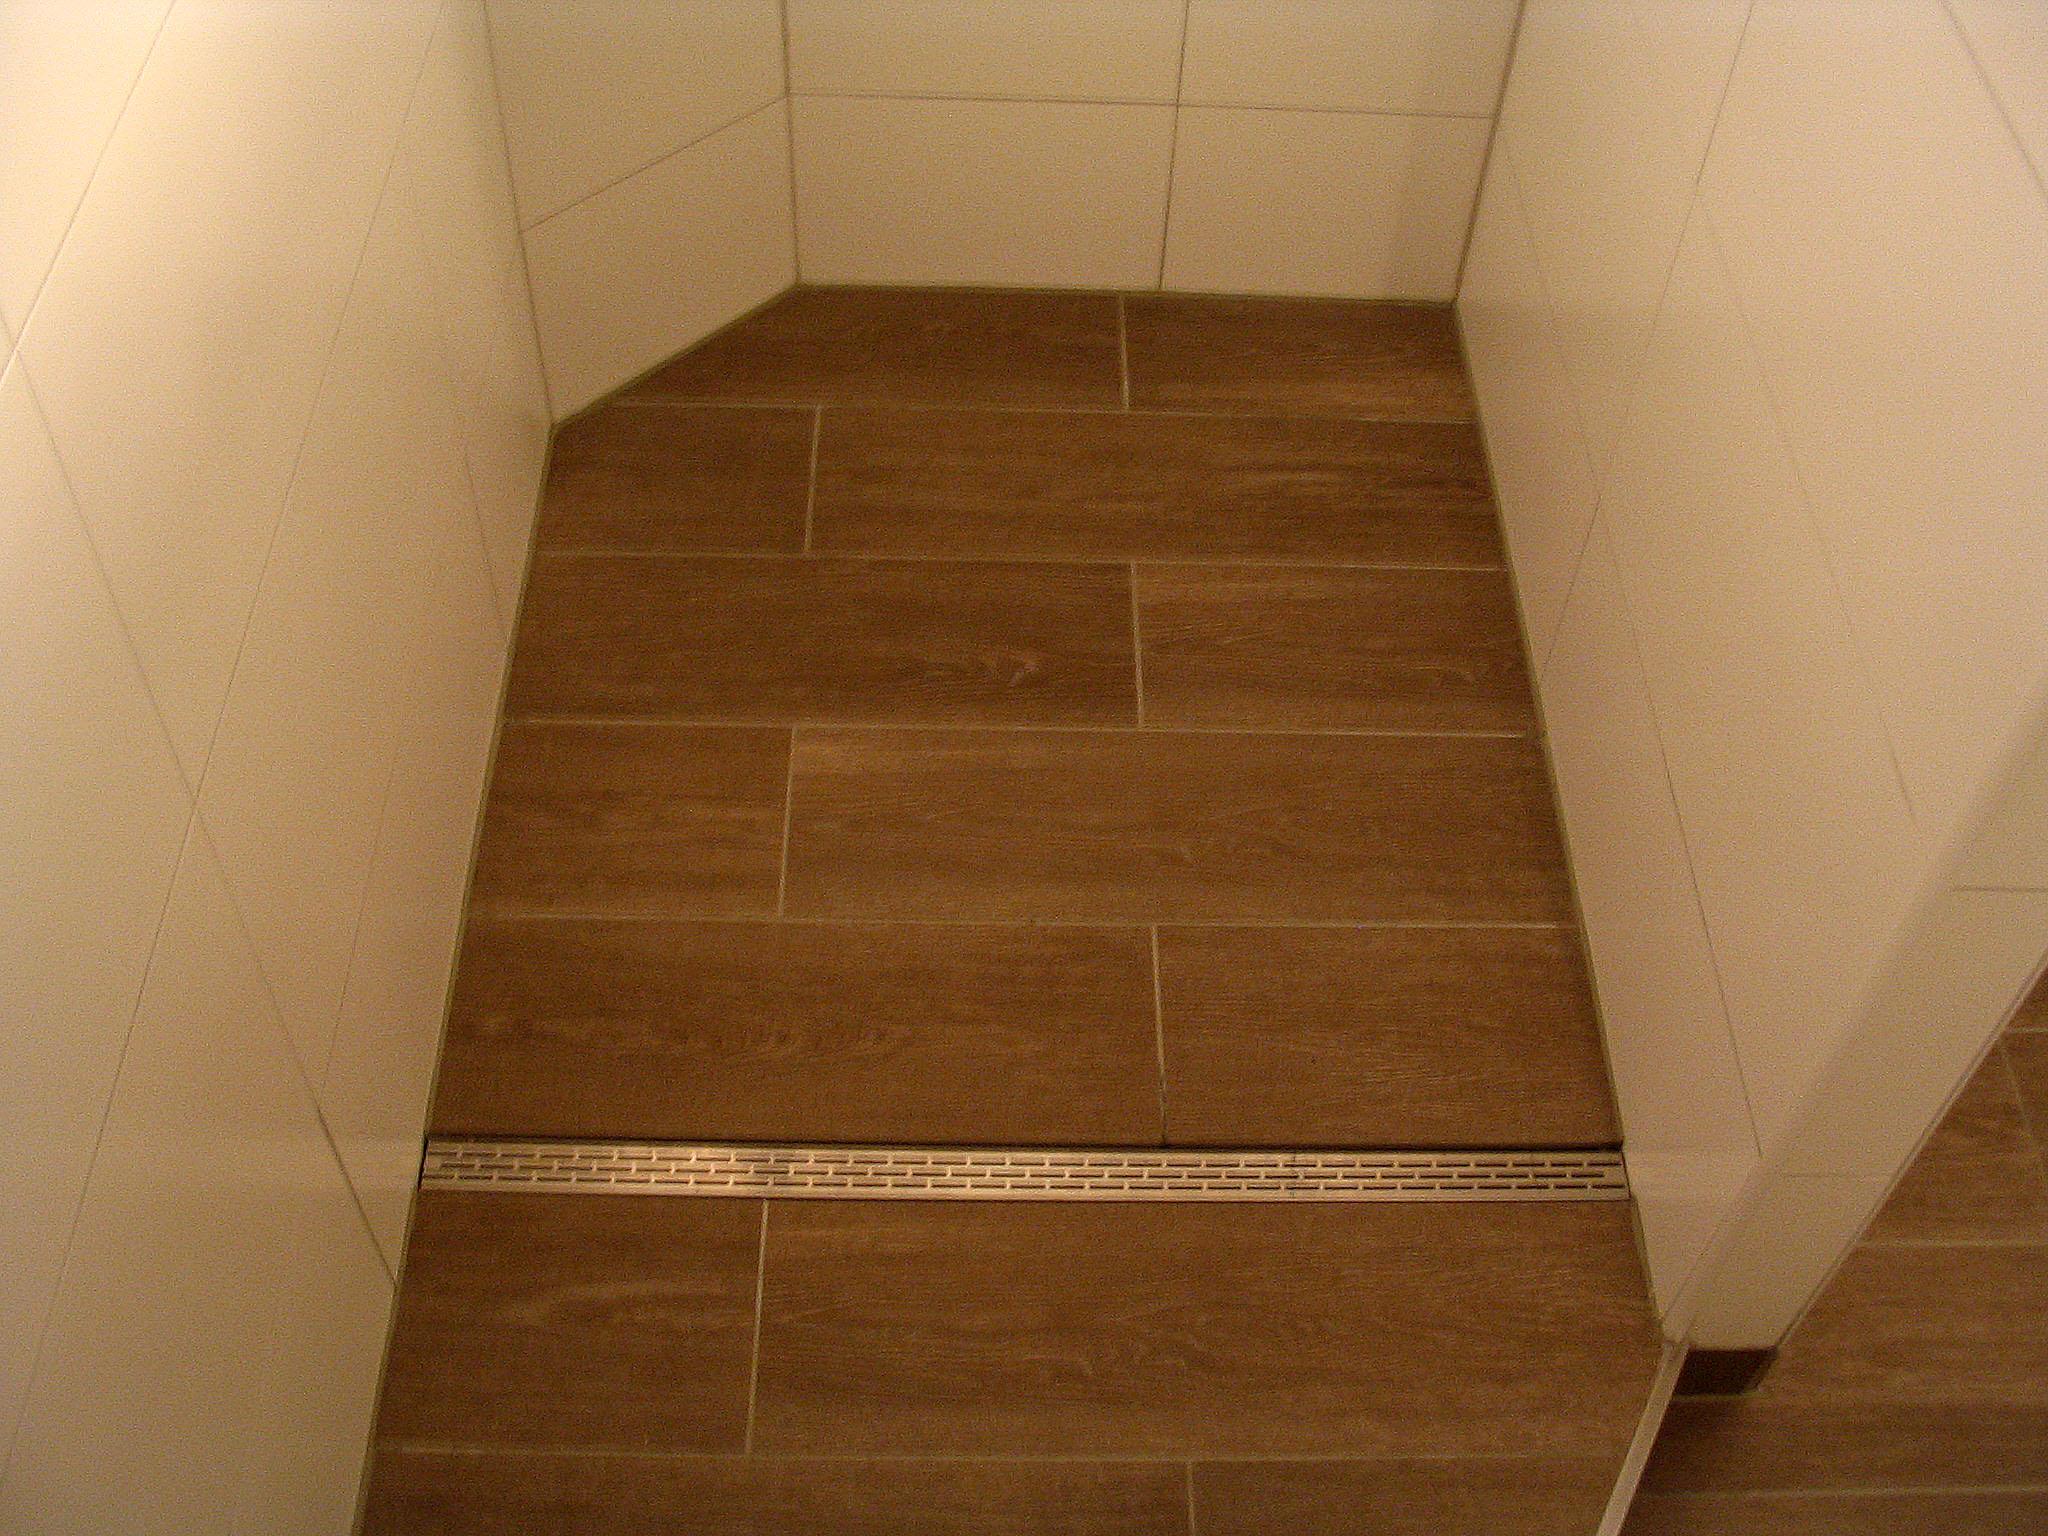 badkamer renovatie ikea brigee